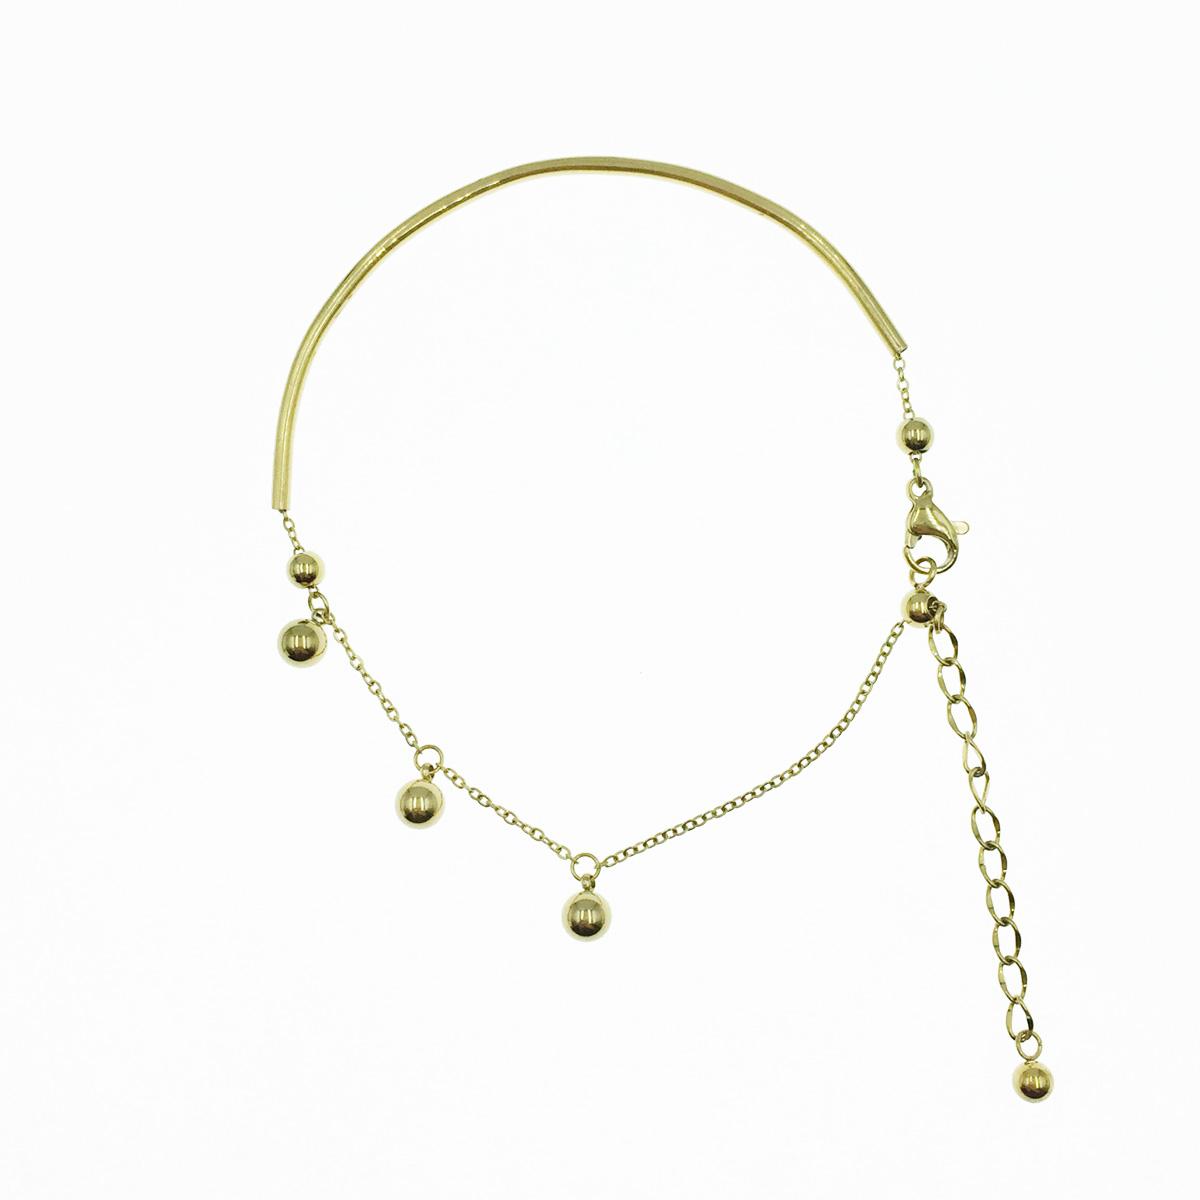 韓國 不鏽鋼 珠珠 垂墜感 金色 簡約 手鍊